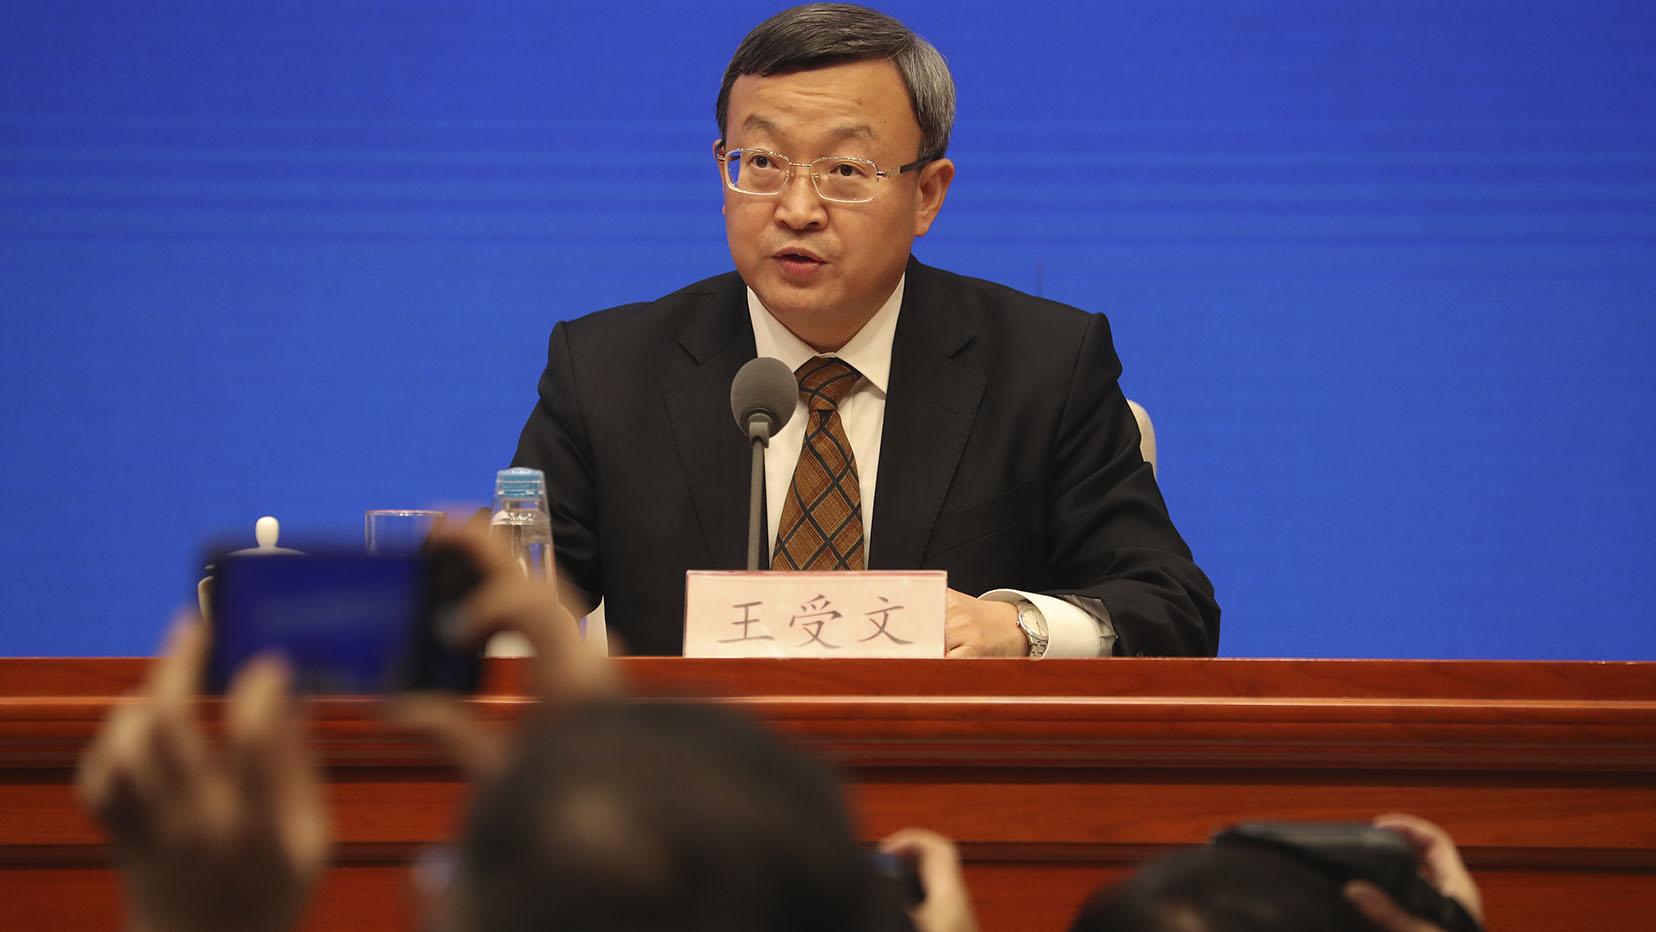 商务部副部长王守文在记者会上。(美联社)